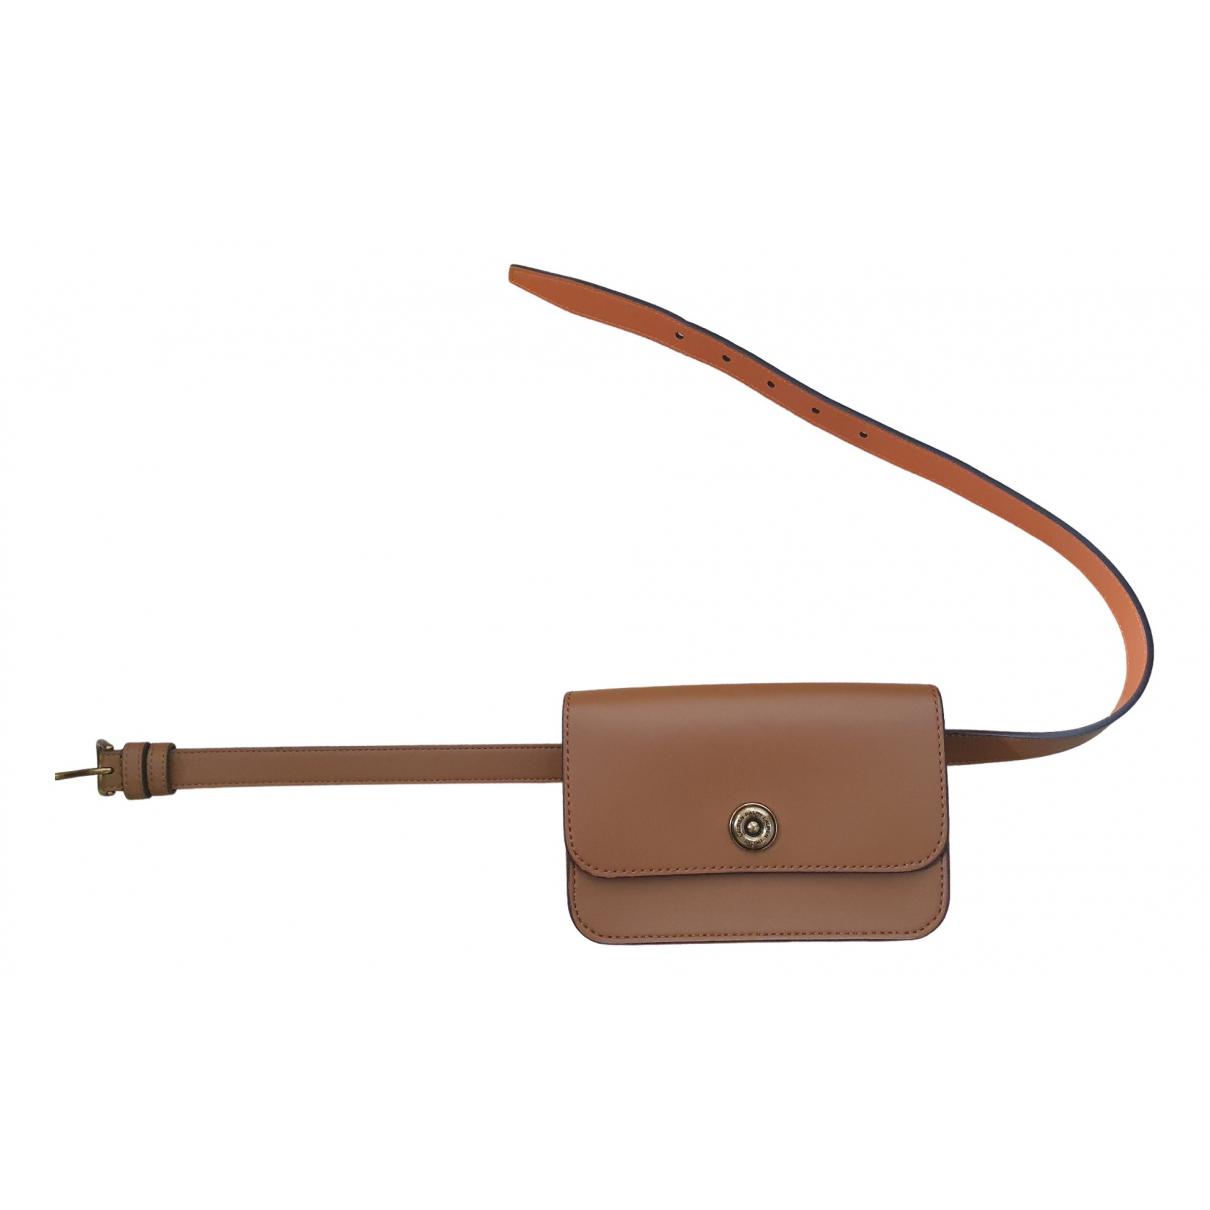 Lauren Ralph Lauren \N Handtasche in  Kamel Synthetik